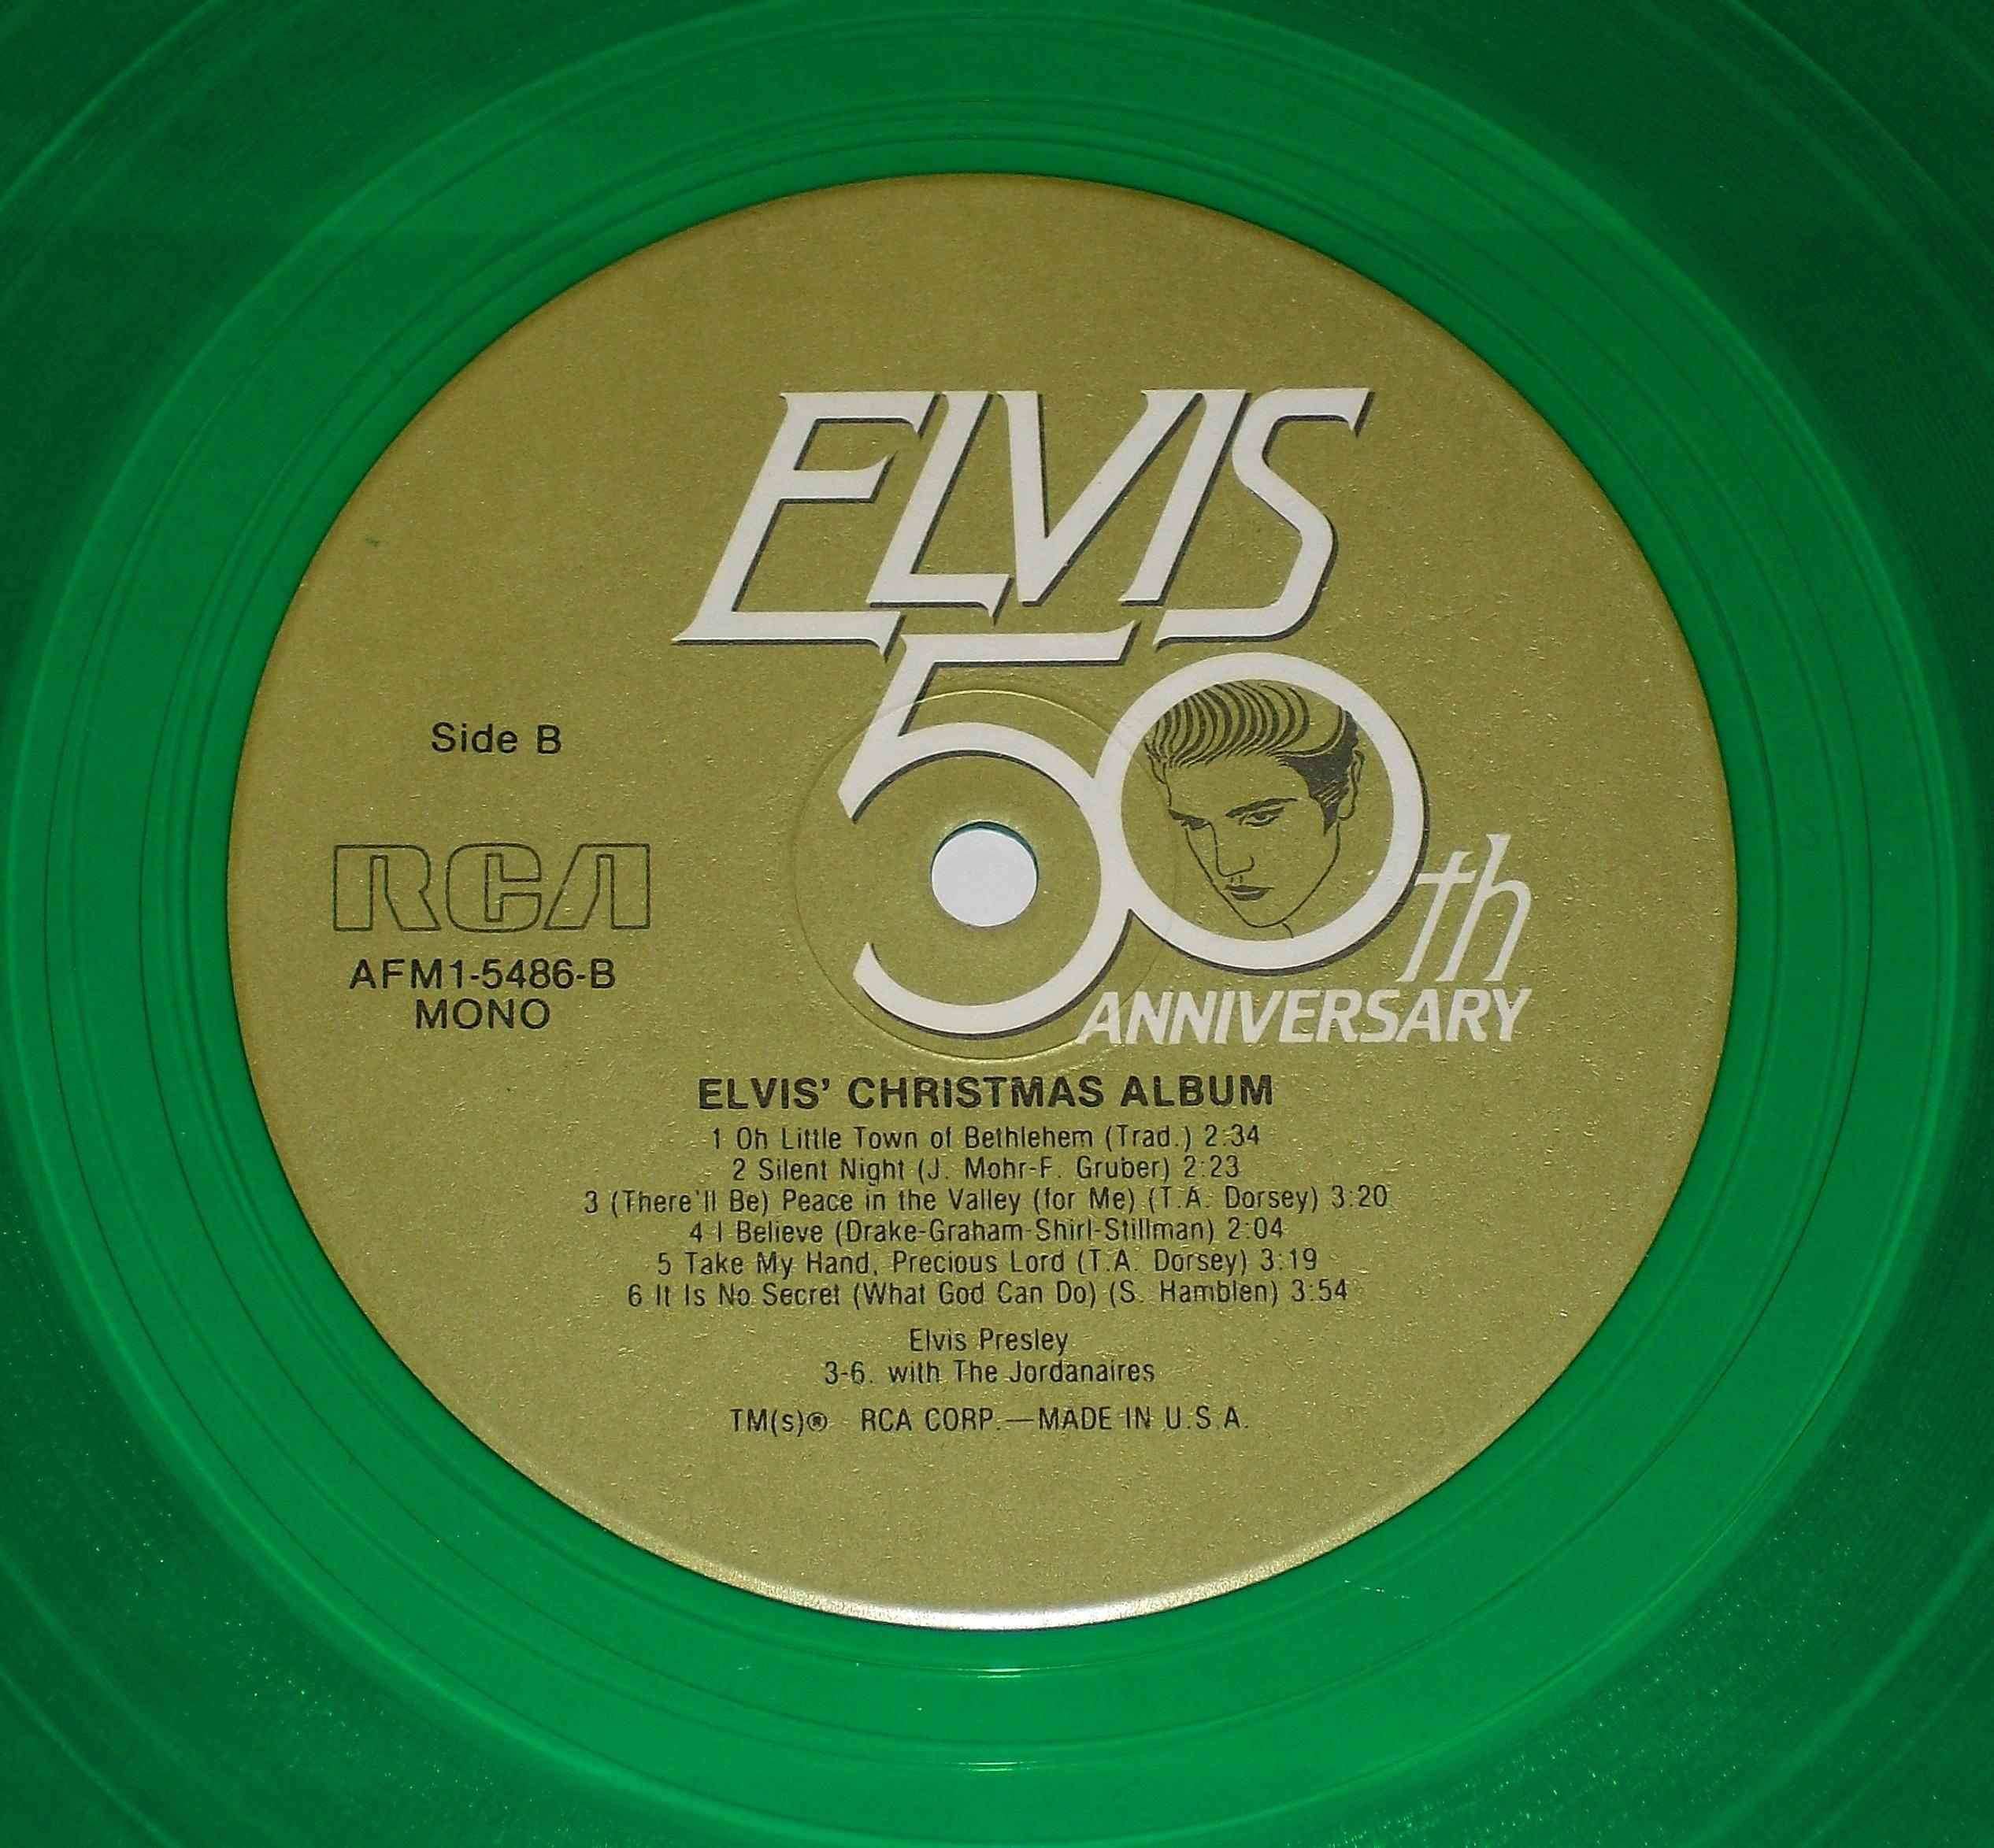 ELVIS' CHRISTMAS ALBUM 03qccz7